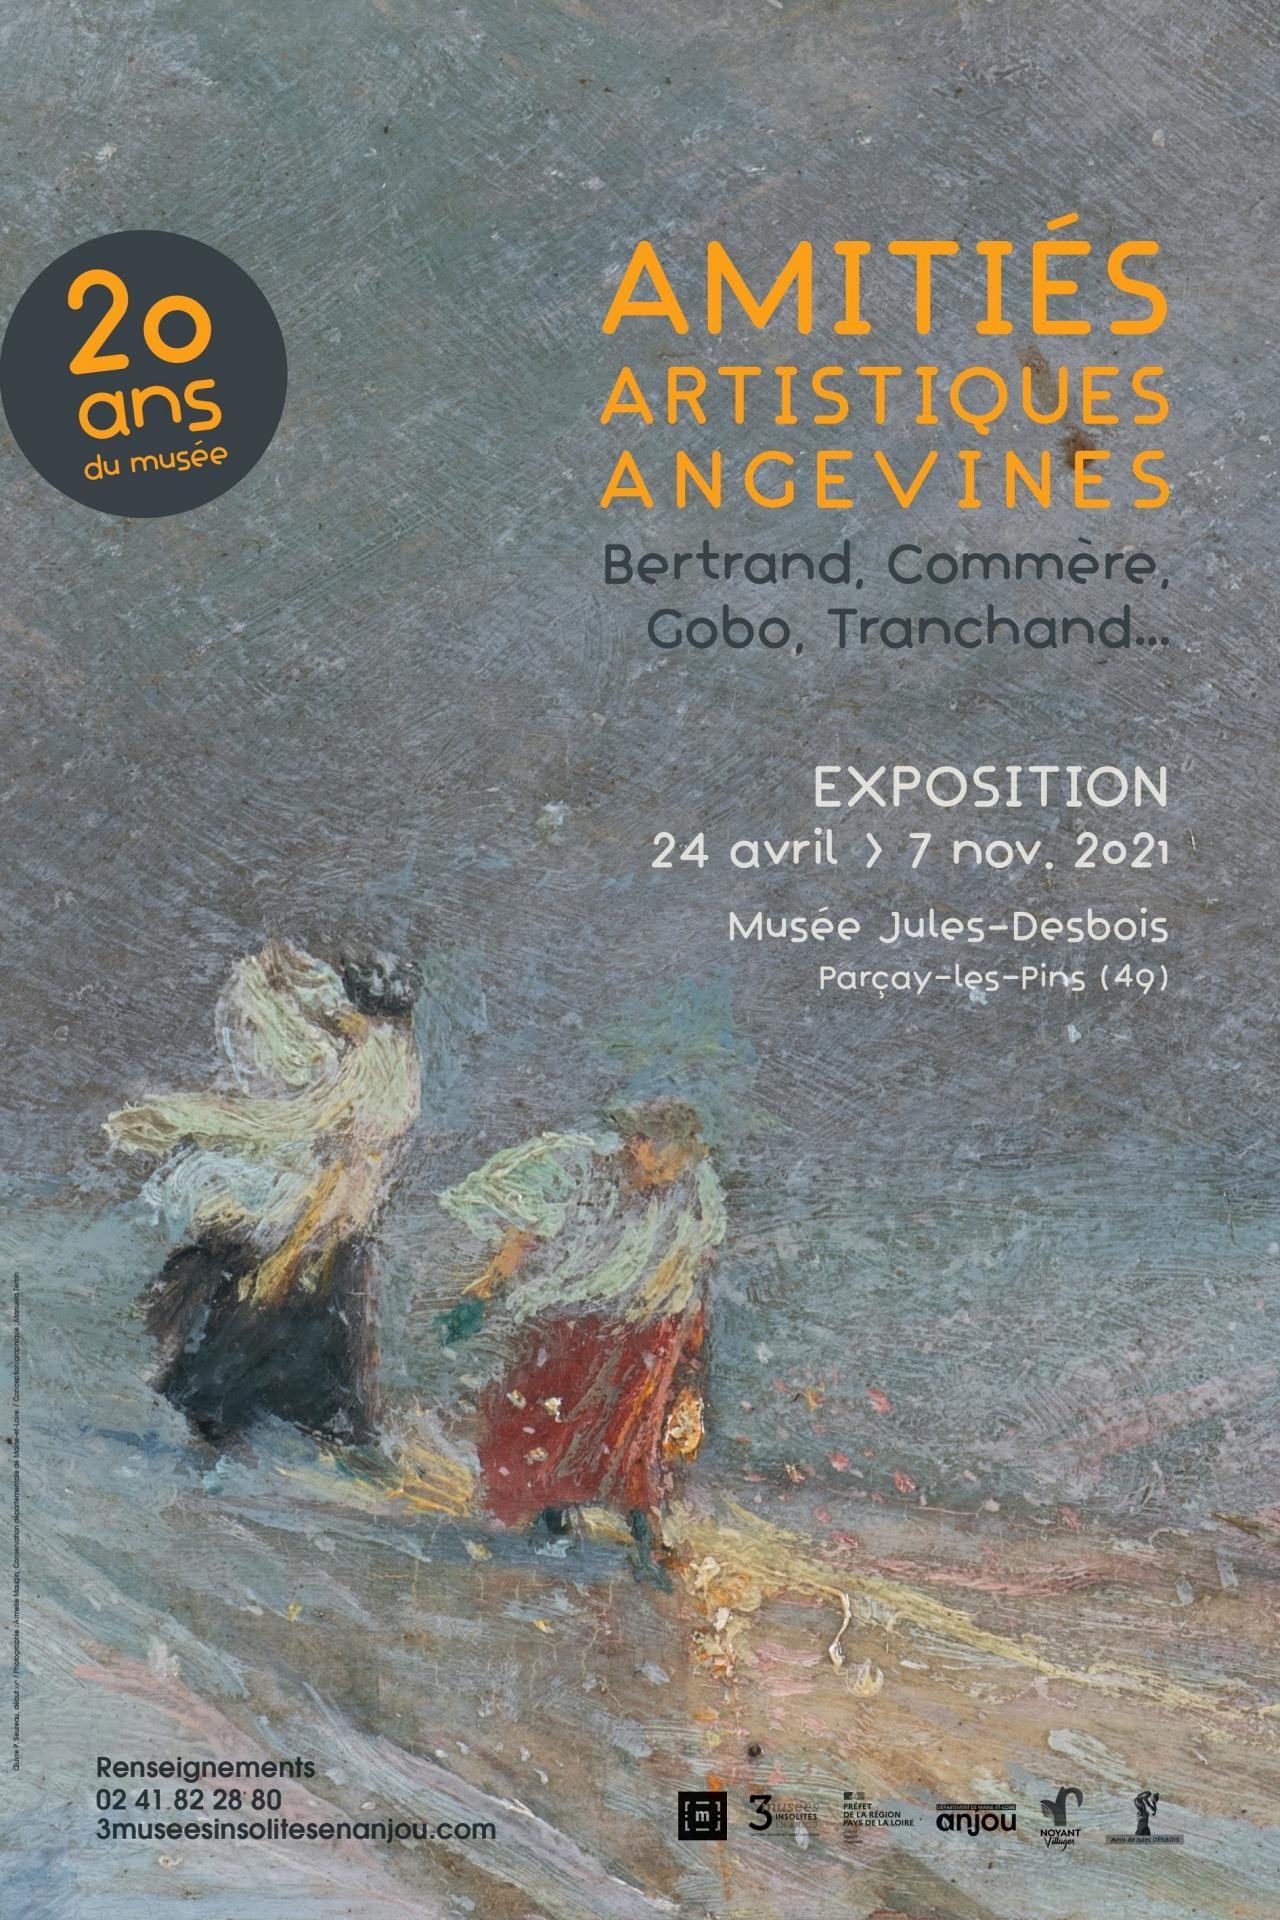 L'ACTU : NOYANT-VILLAGES : UNE EXPOSITION POUR L'OUVERTURE DU MUSÉE JULES DESBOIS